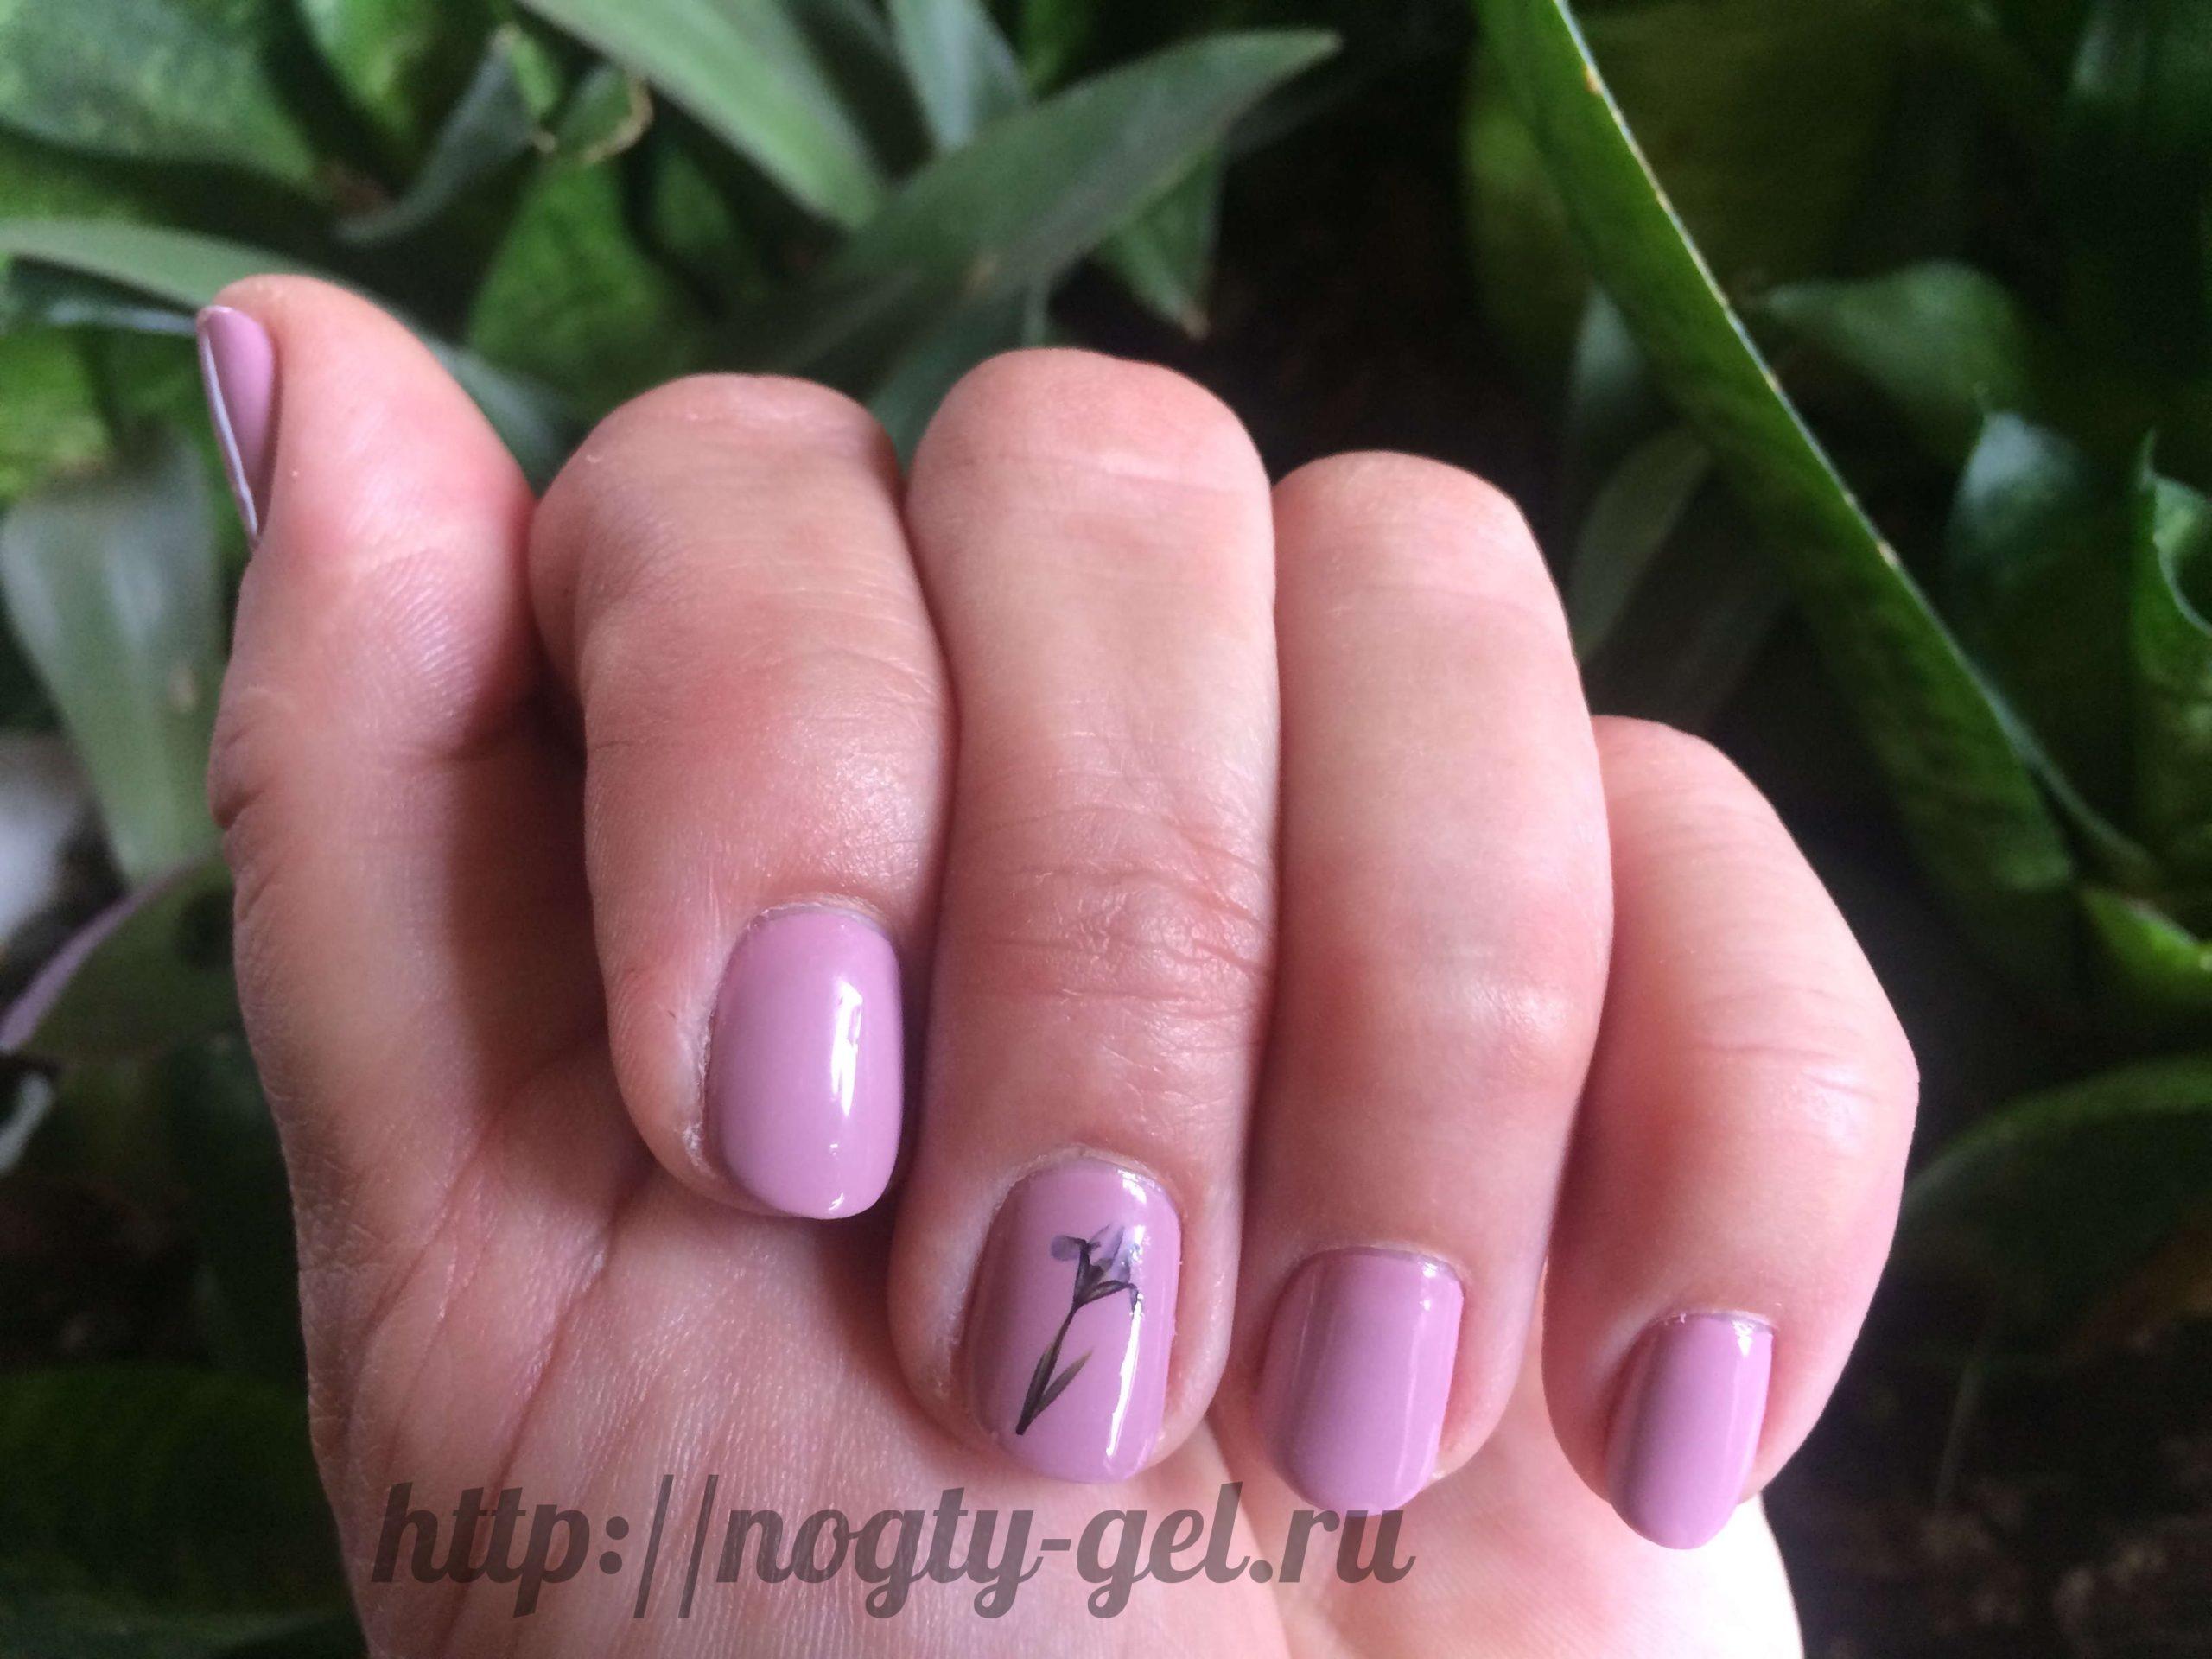 2.Как рисовать гель лаком на ногтях?